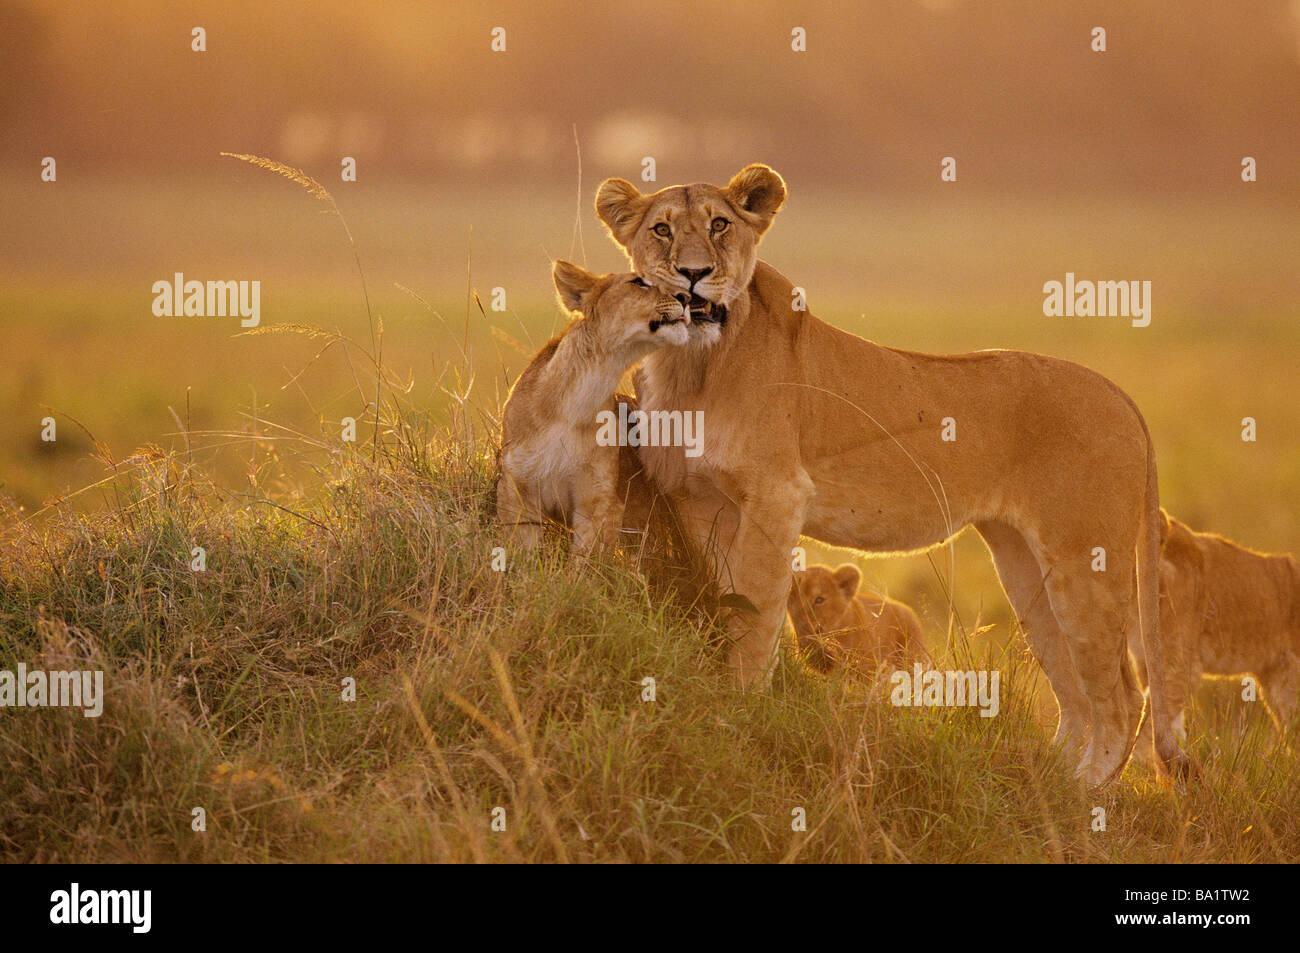 Sunset cerca de la madre y el cachorro de león Imagen De Stock